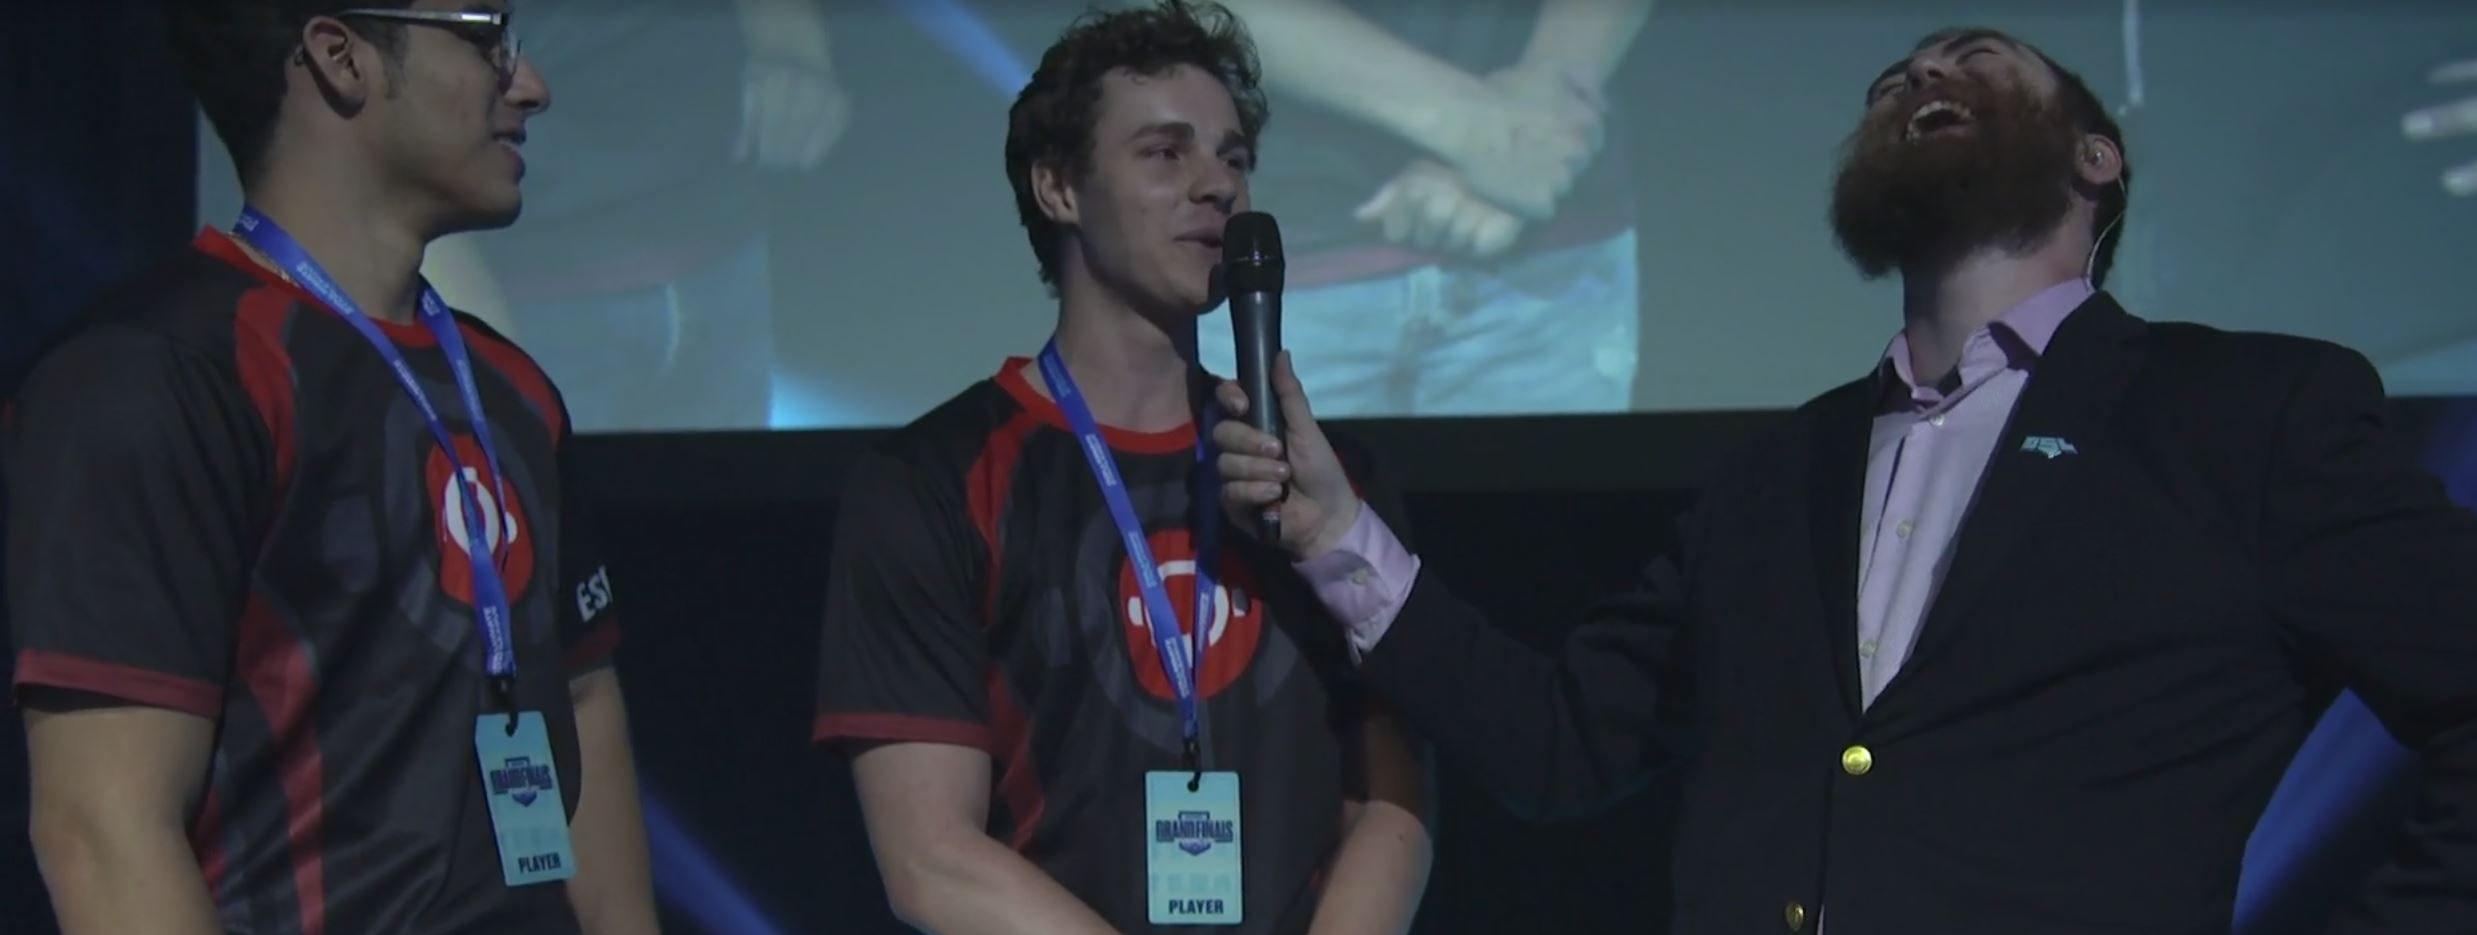 Turnier-Sieger machen bei Preisübergabe mit Fortnite Schluss – Das ist richtig miese PR